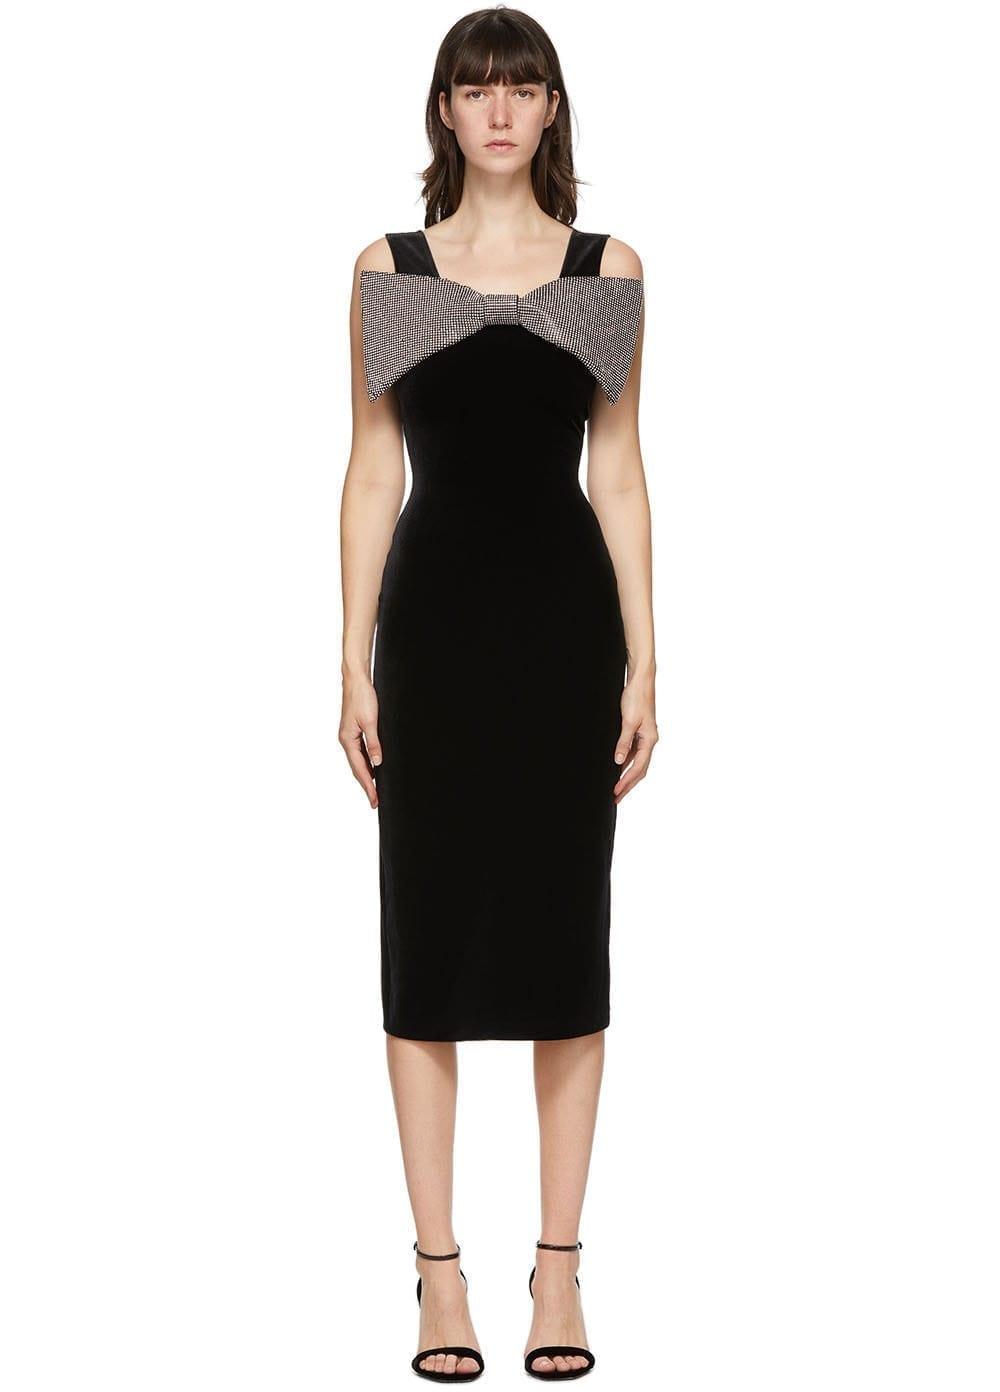 CHRISTOPHER KANE Black Velvet Bow Dress